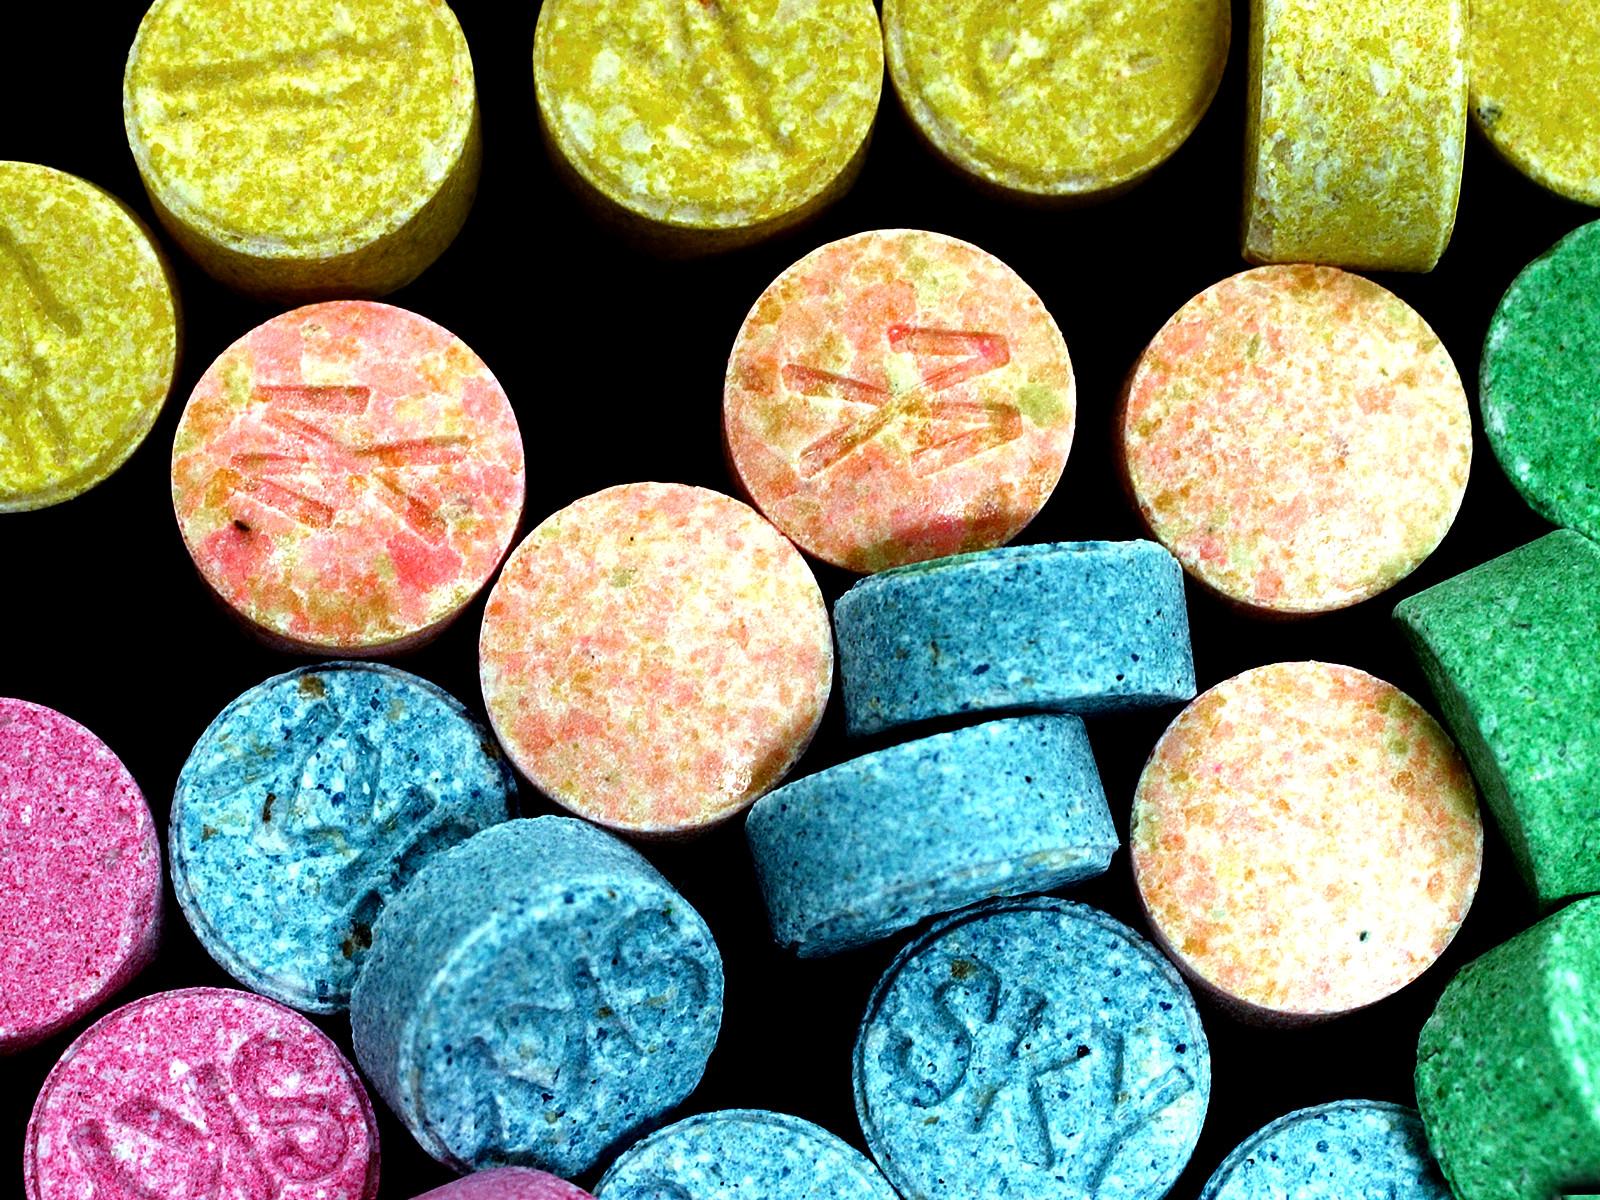 разноцветные таблетки ЛСД